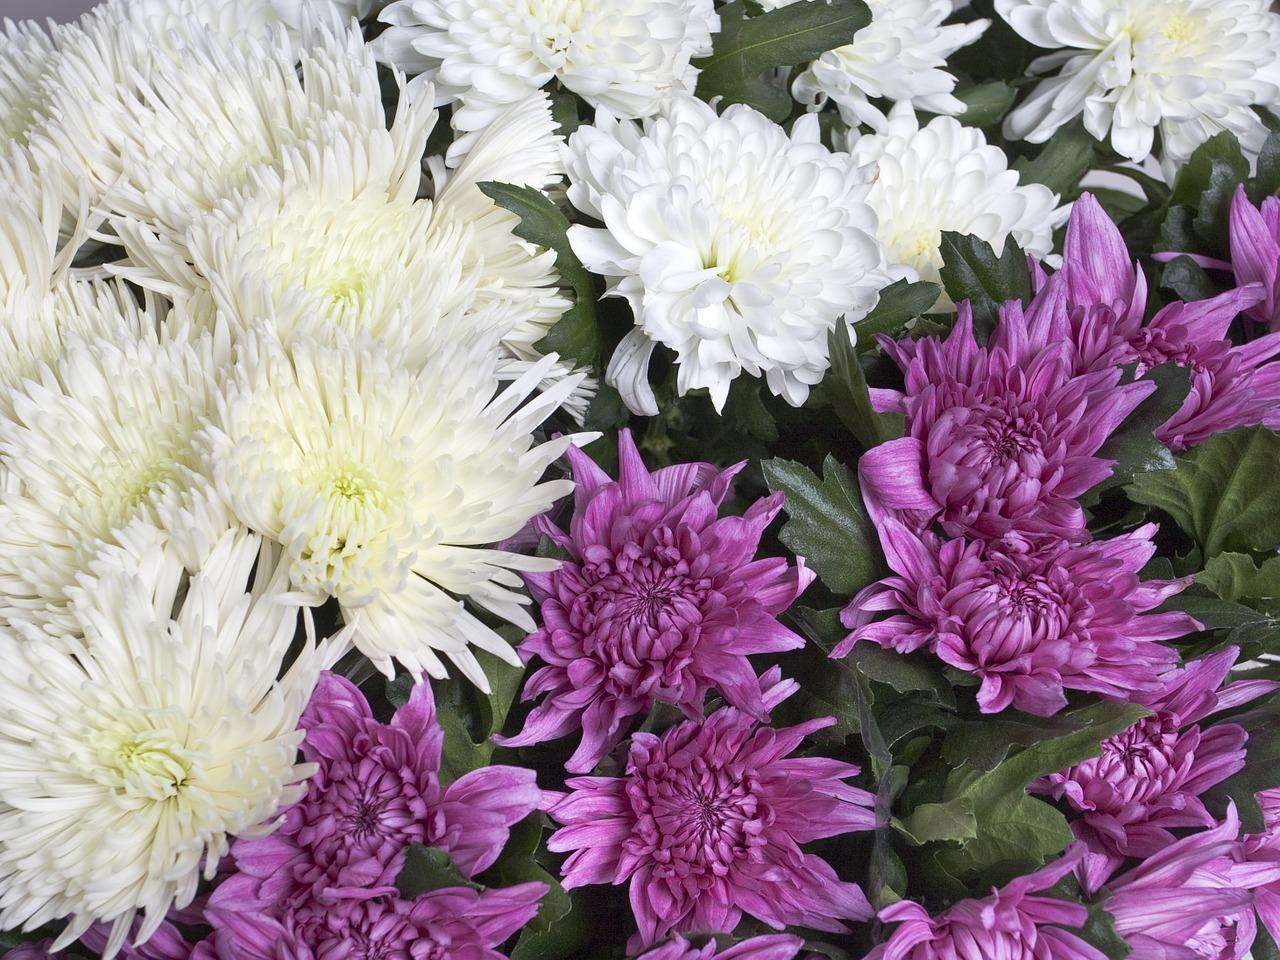 хризантемы фото 30